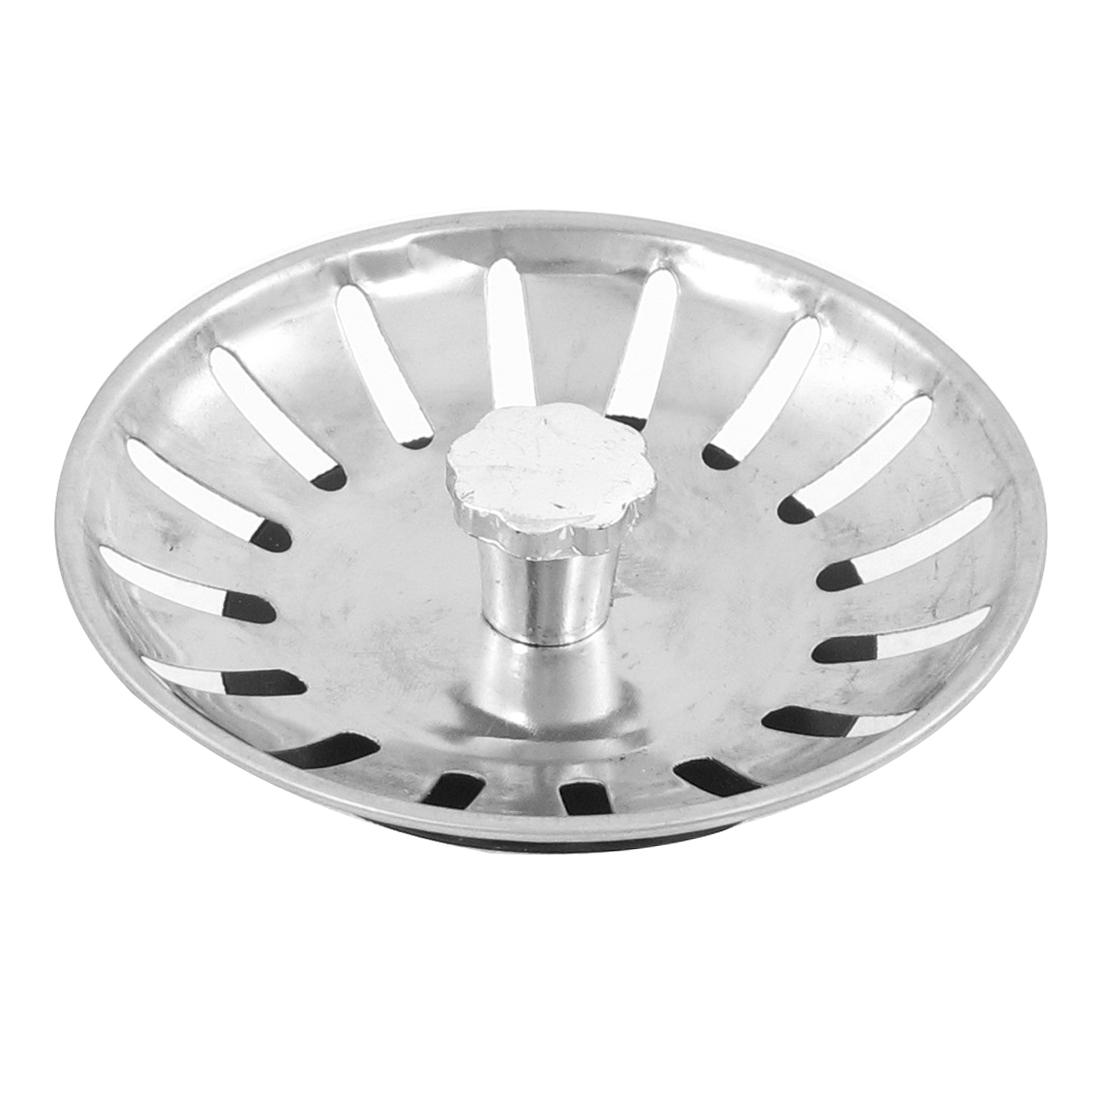 Home Kitchen Metallic 83mm Diameter Water Sink Drainer Strainer Drain